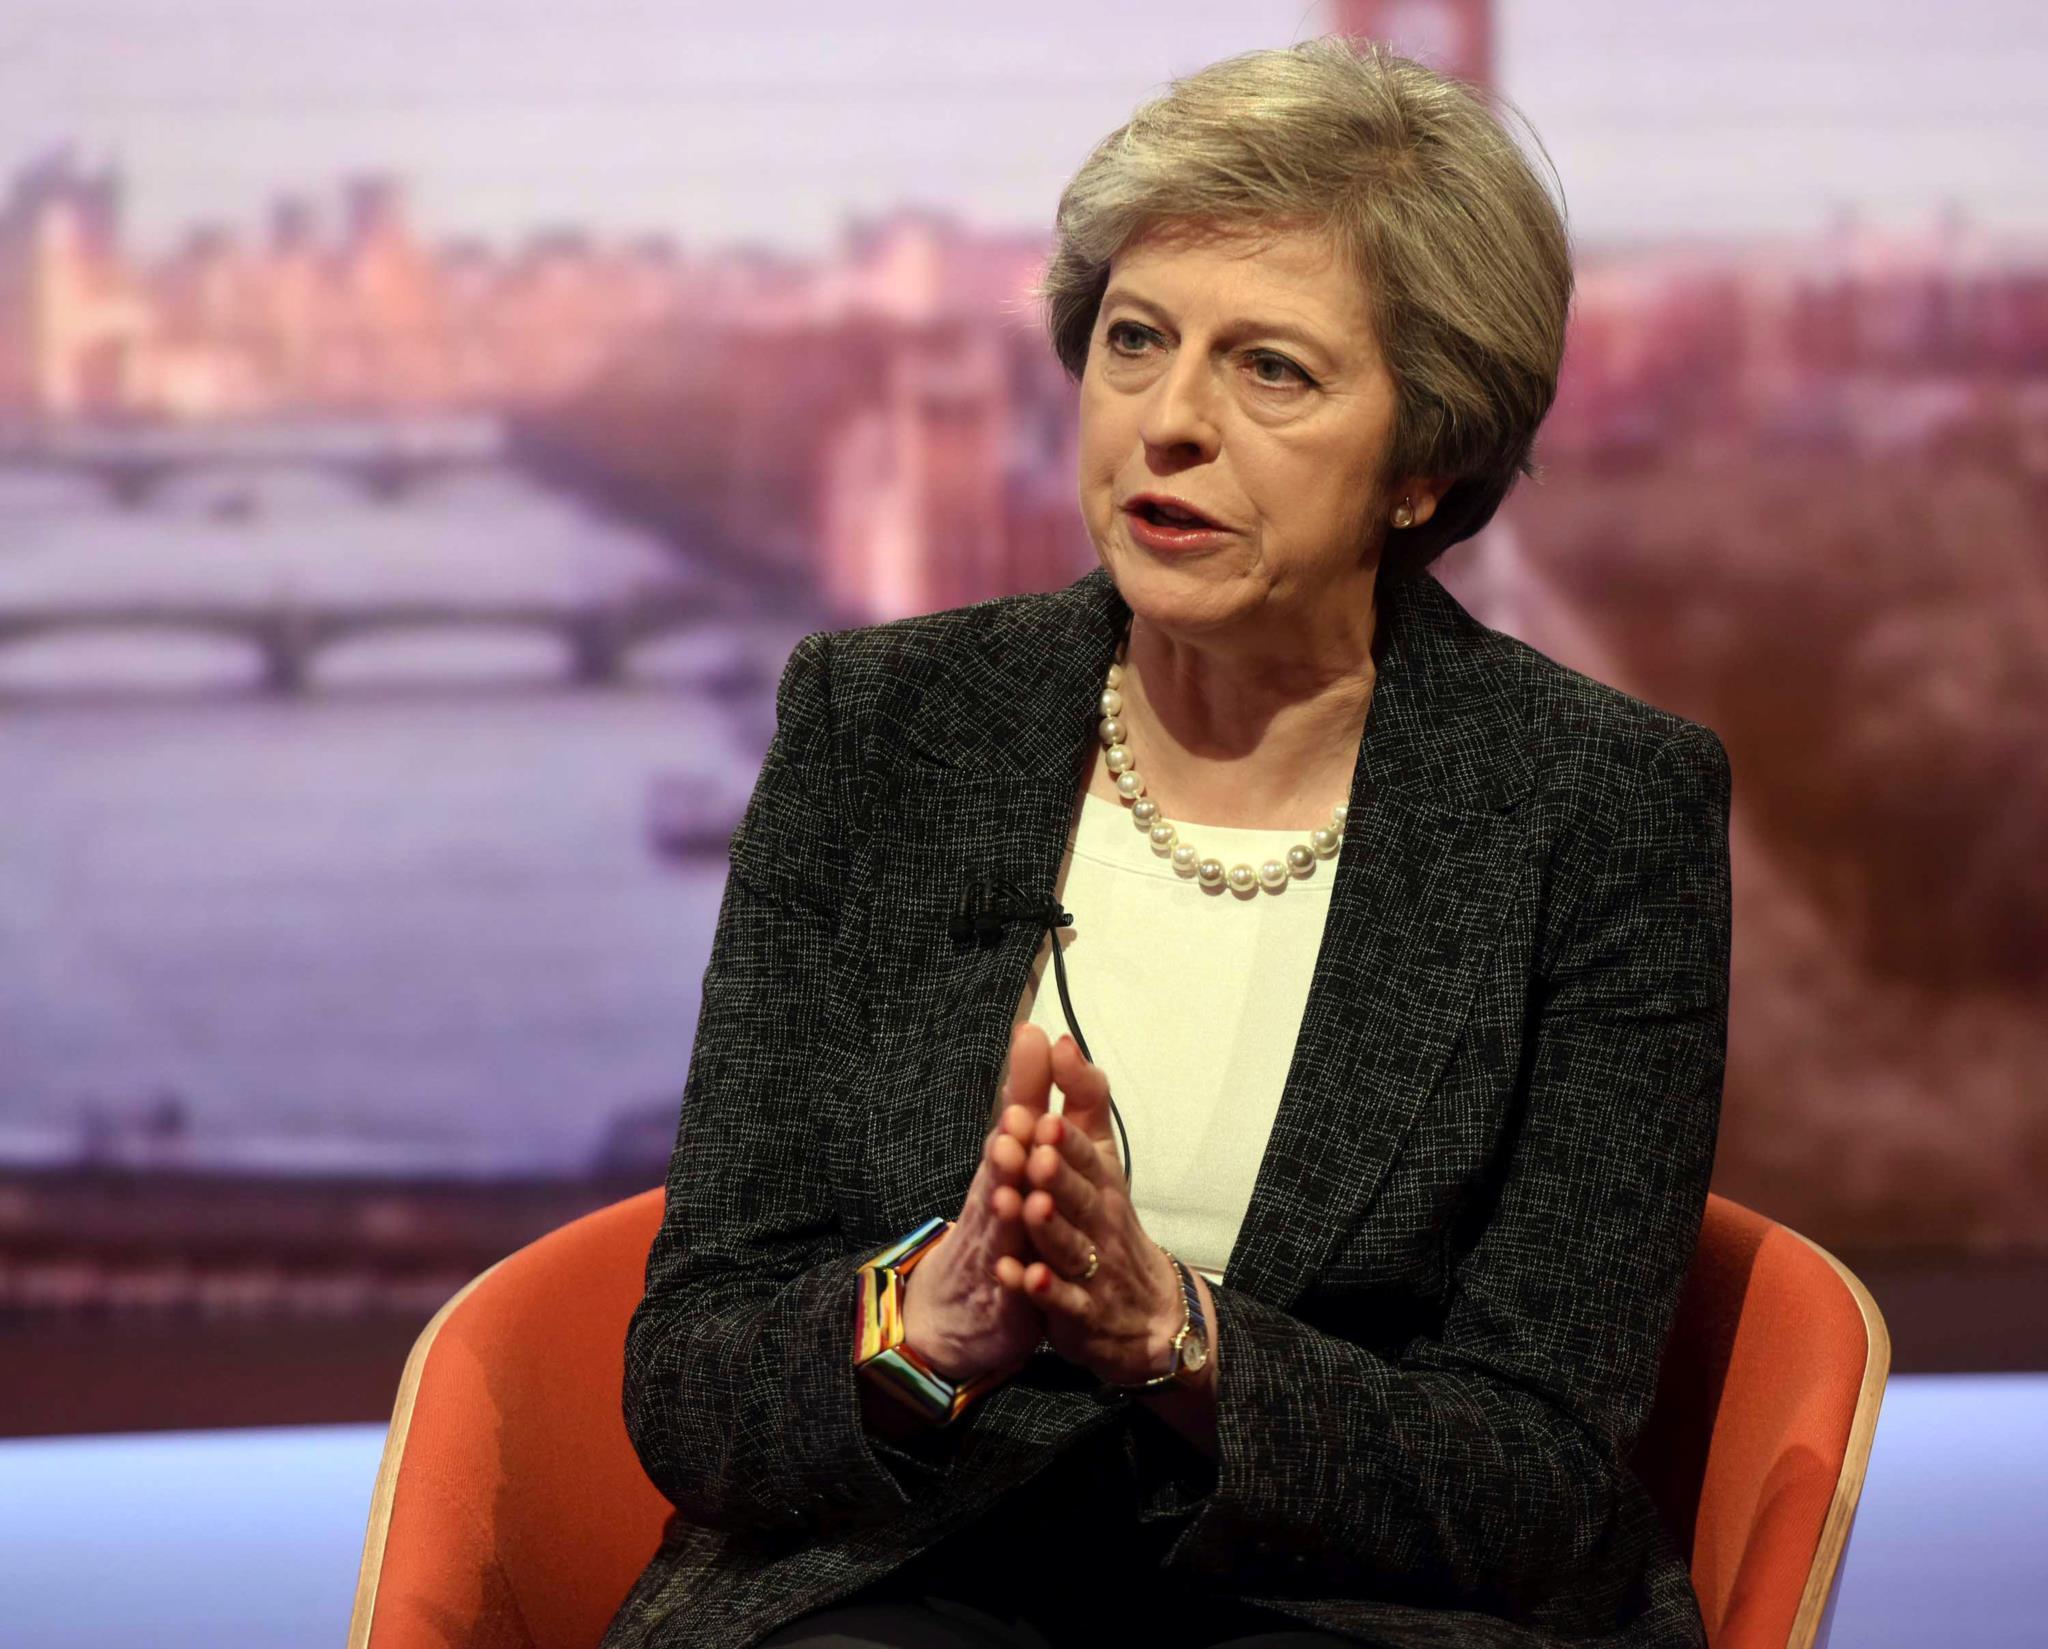 Questionada na BBC sobre a polémica, Theresa May recusou-se a comentar